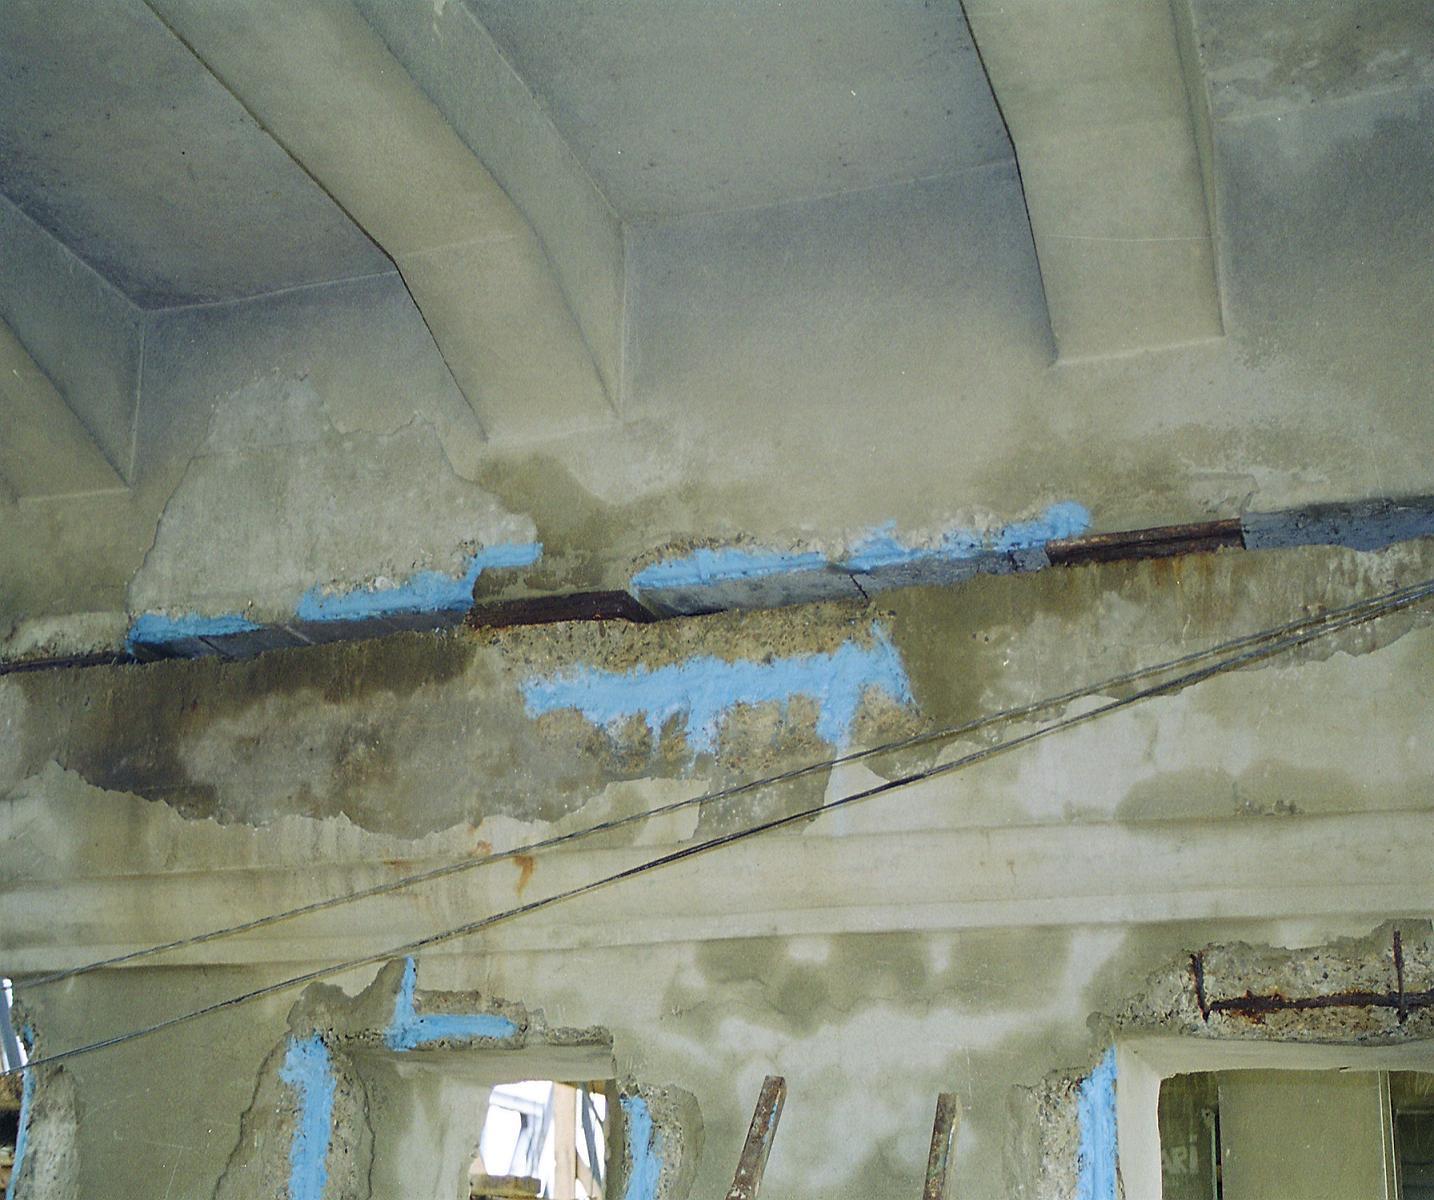 Reparatii pod peste raul Siret MAPEI - Poza 10